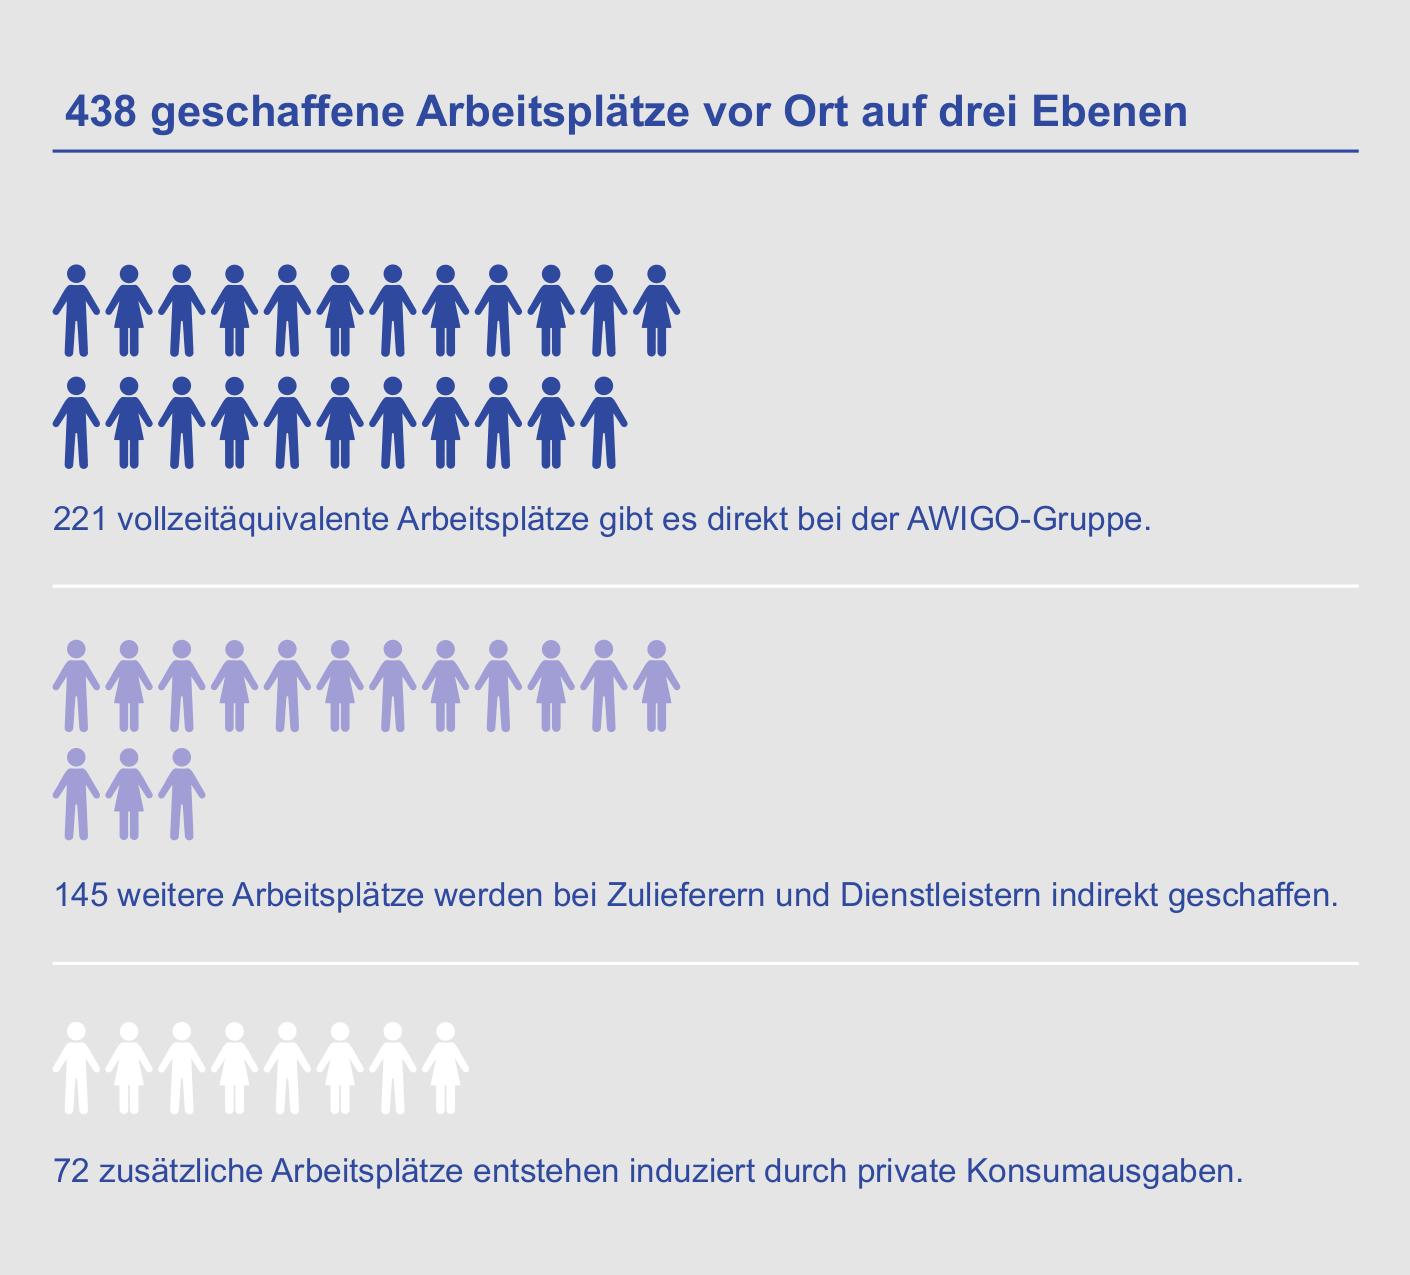 Durch vergebene Aufträge, in Anspruch genommene Dienstleistungen und den Konsum aller direkt und indirekt Beschäftigten entstehen weitere Arbeitsplätze (Vollzeitäquivalente) in der Region Osnabrück.